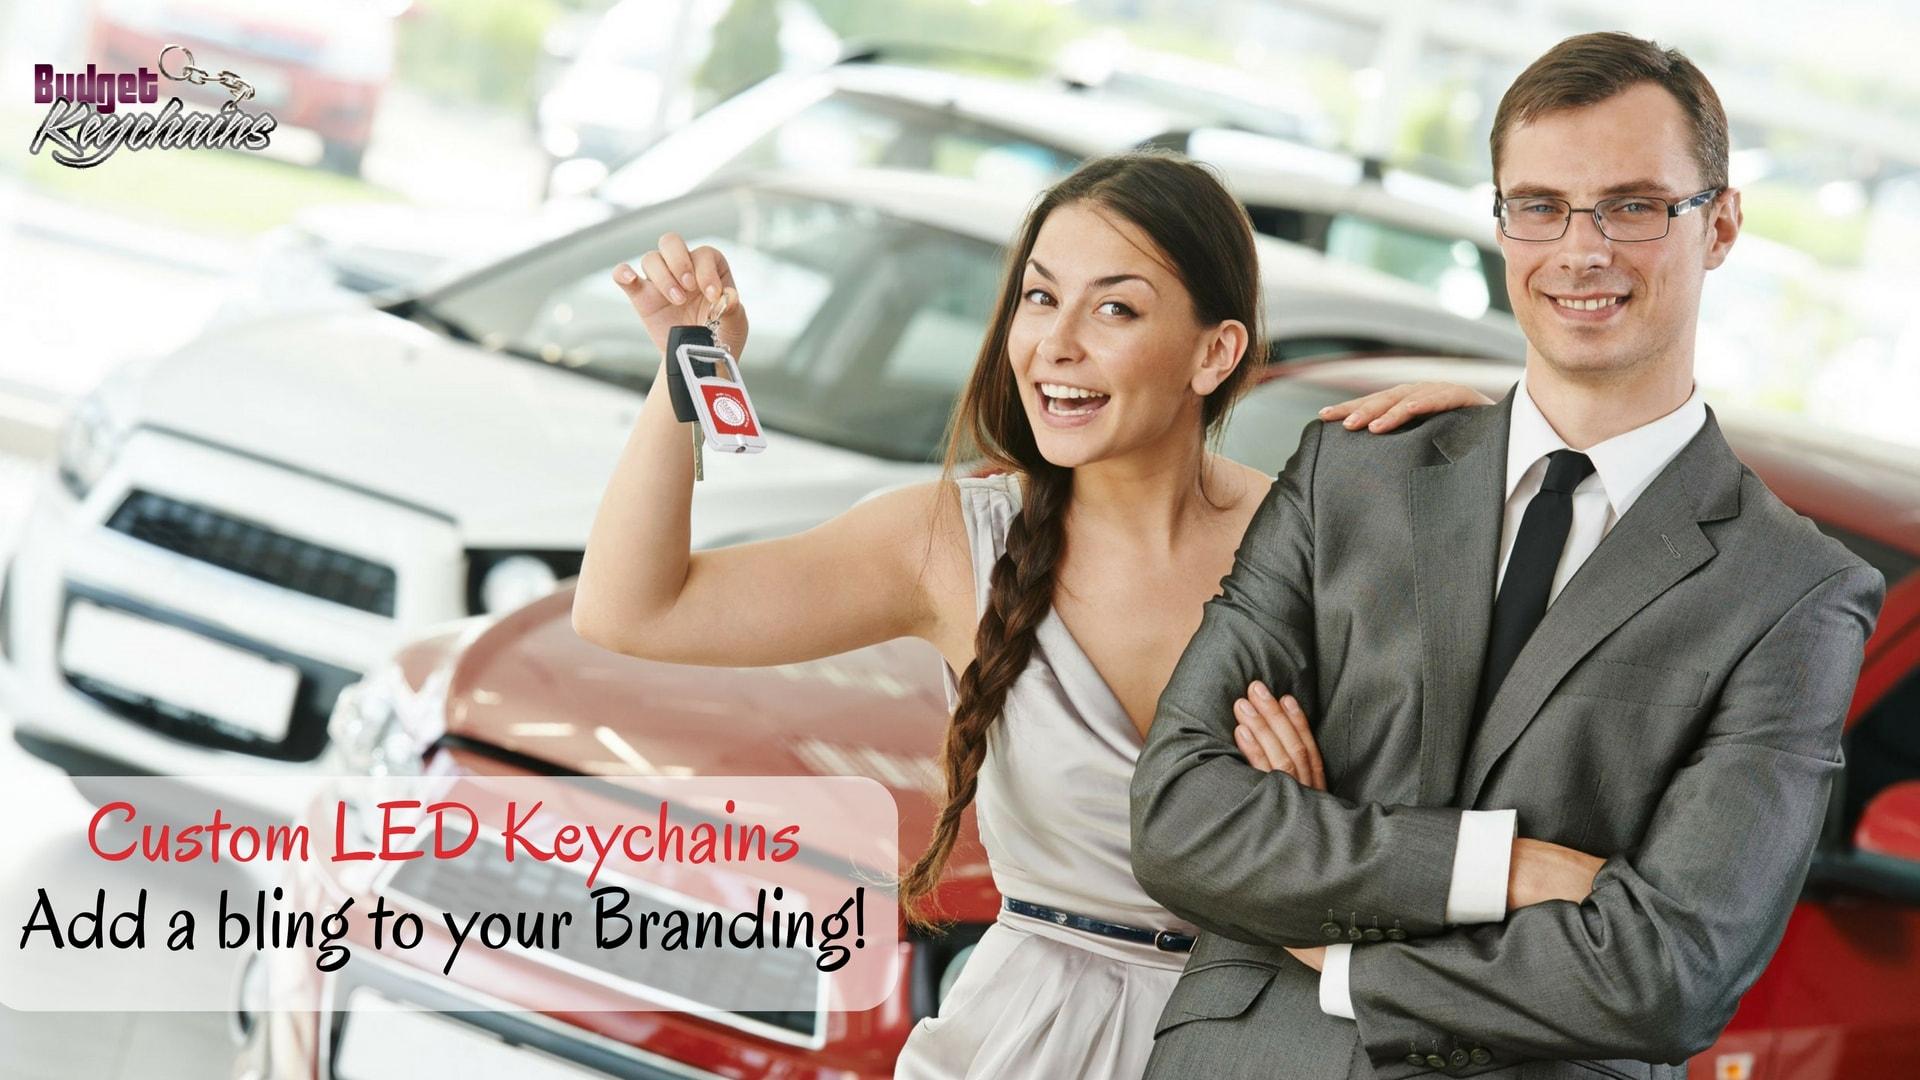 branding-Custom-led-flashlight-keychains